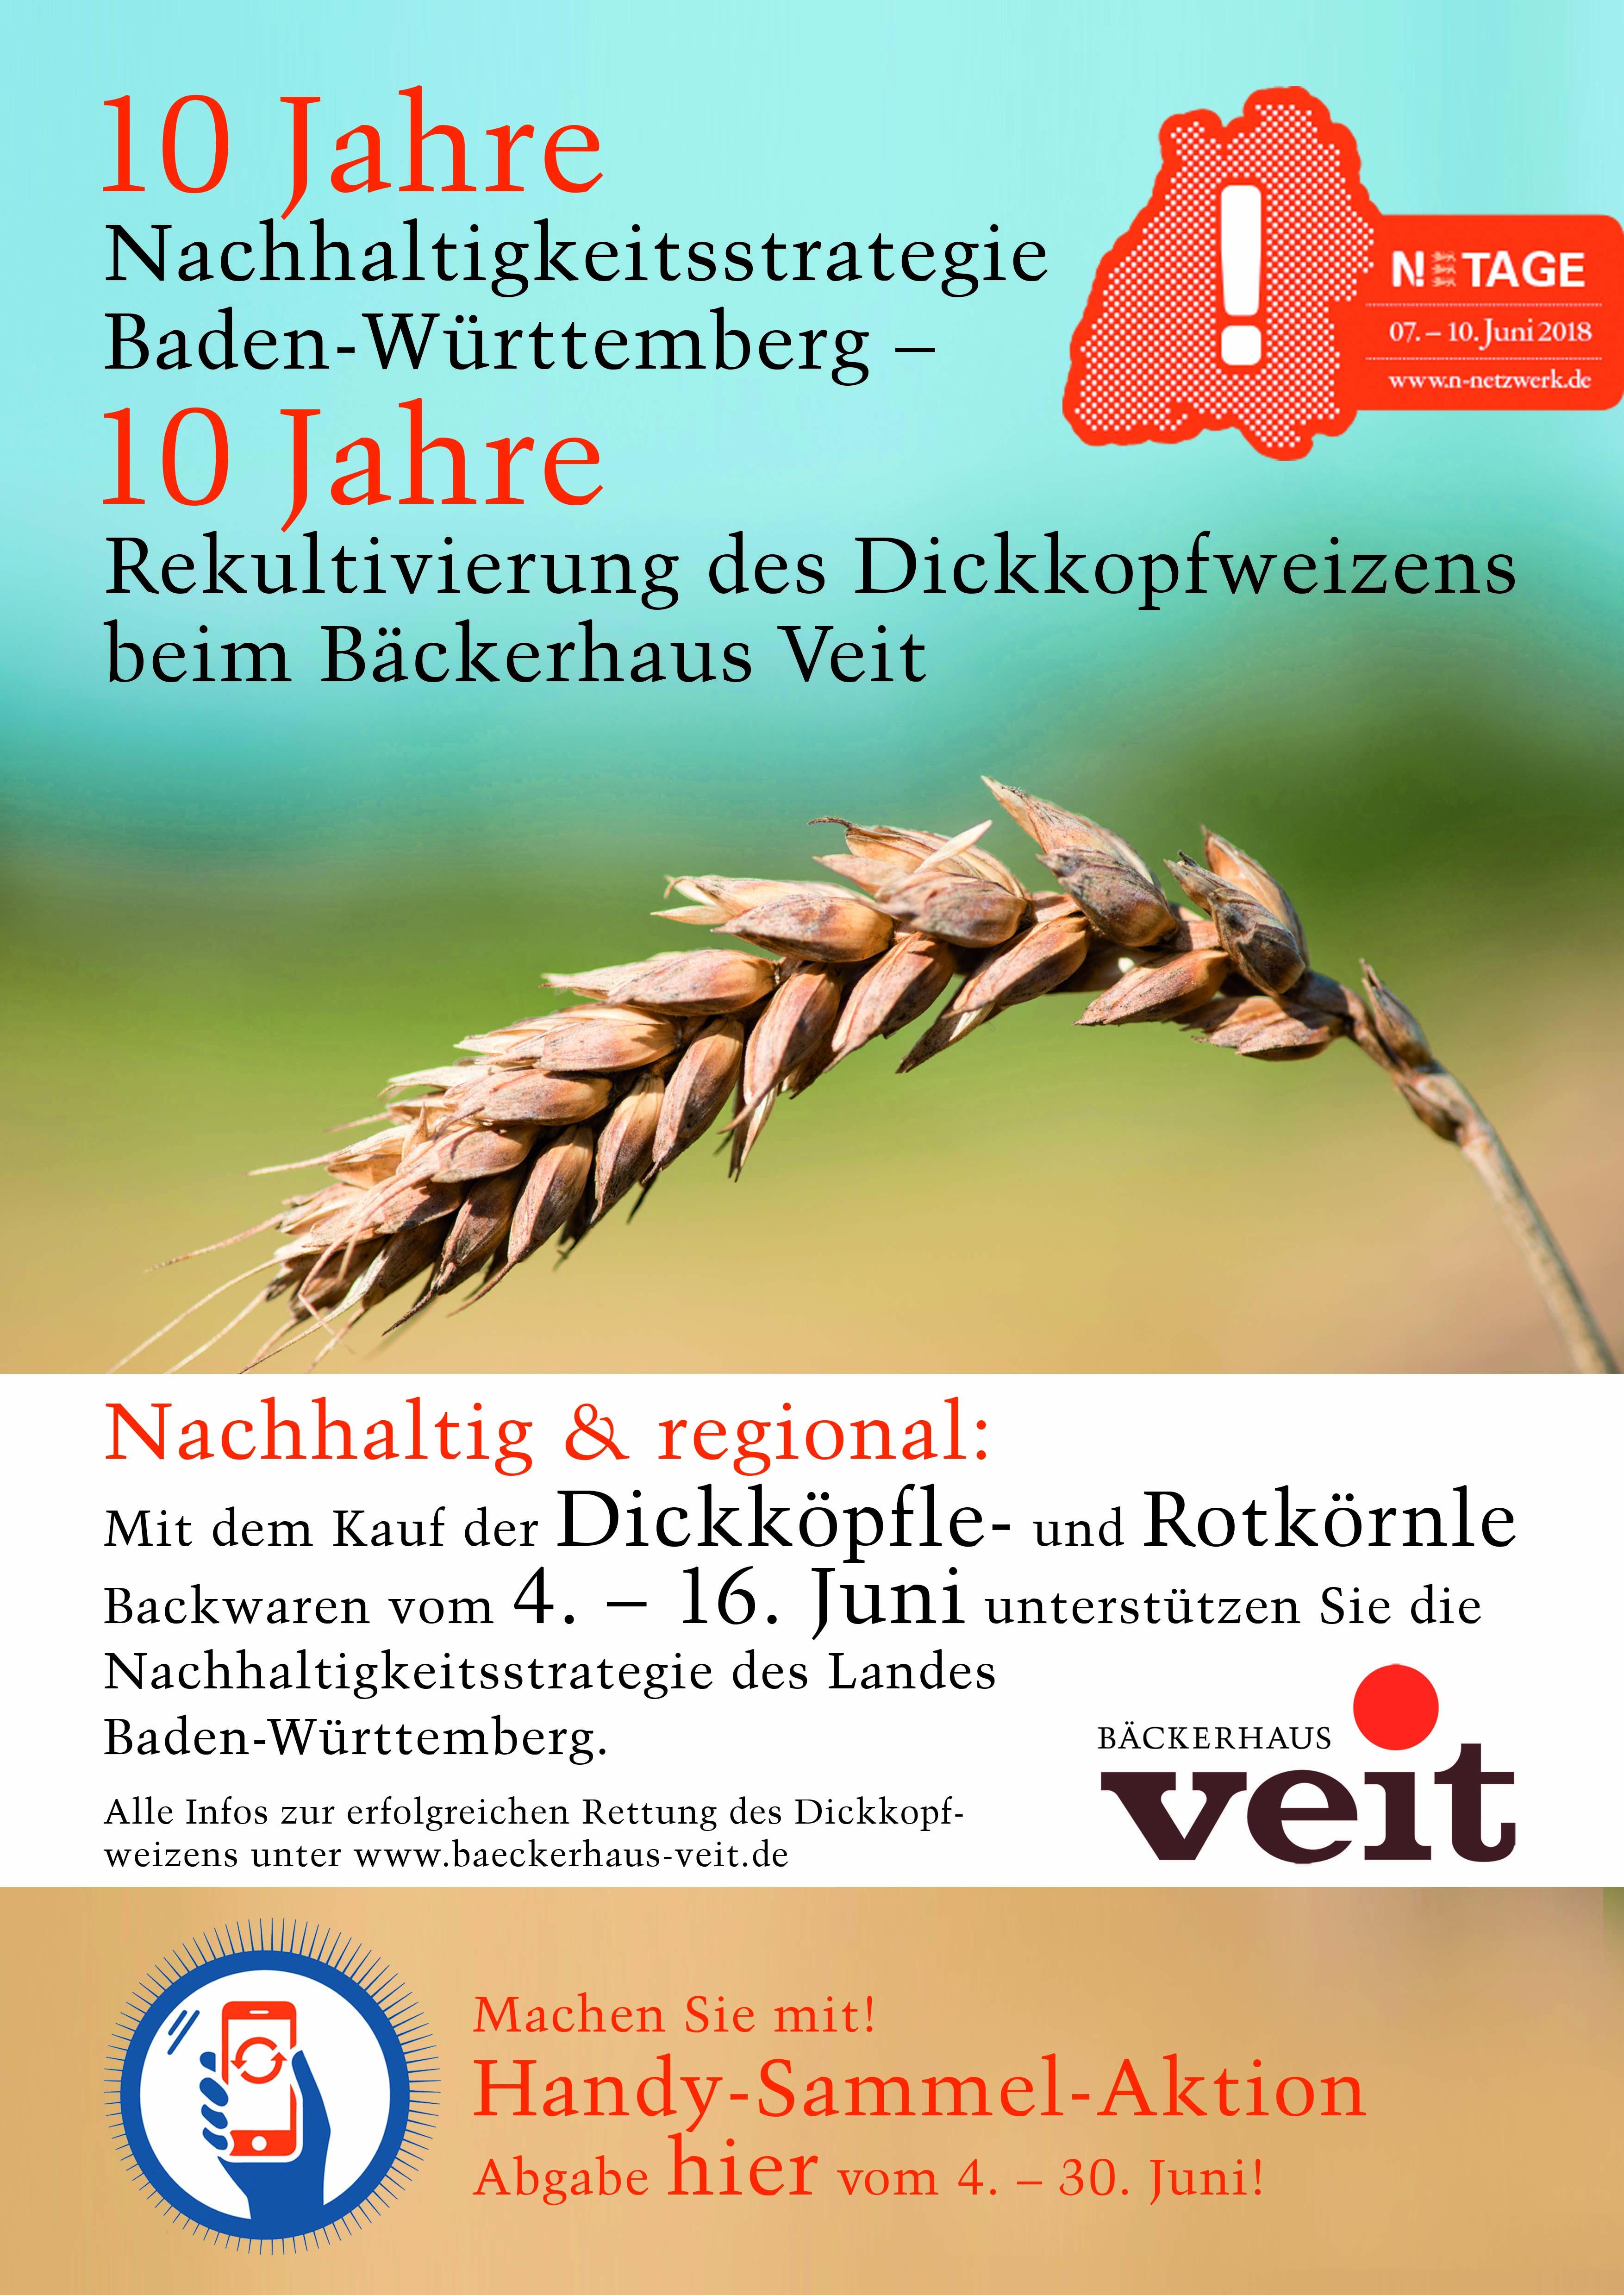 Plakat A1 Nachhaltigkeitstage